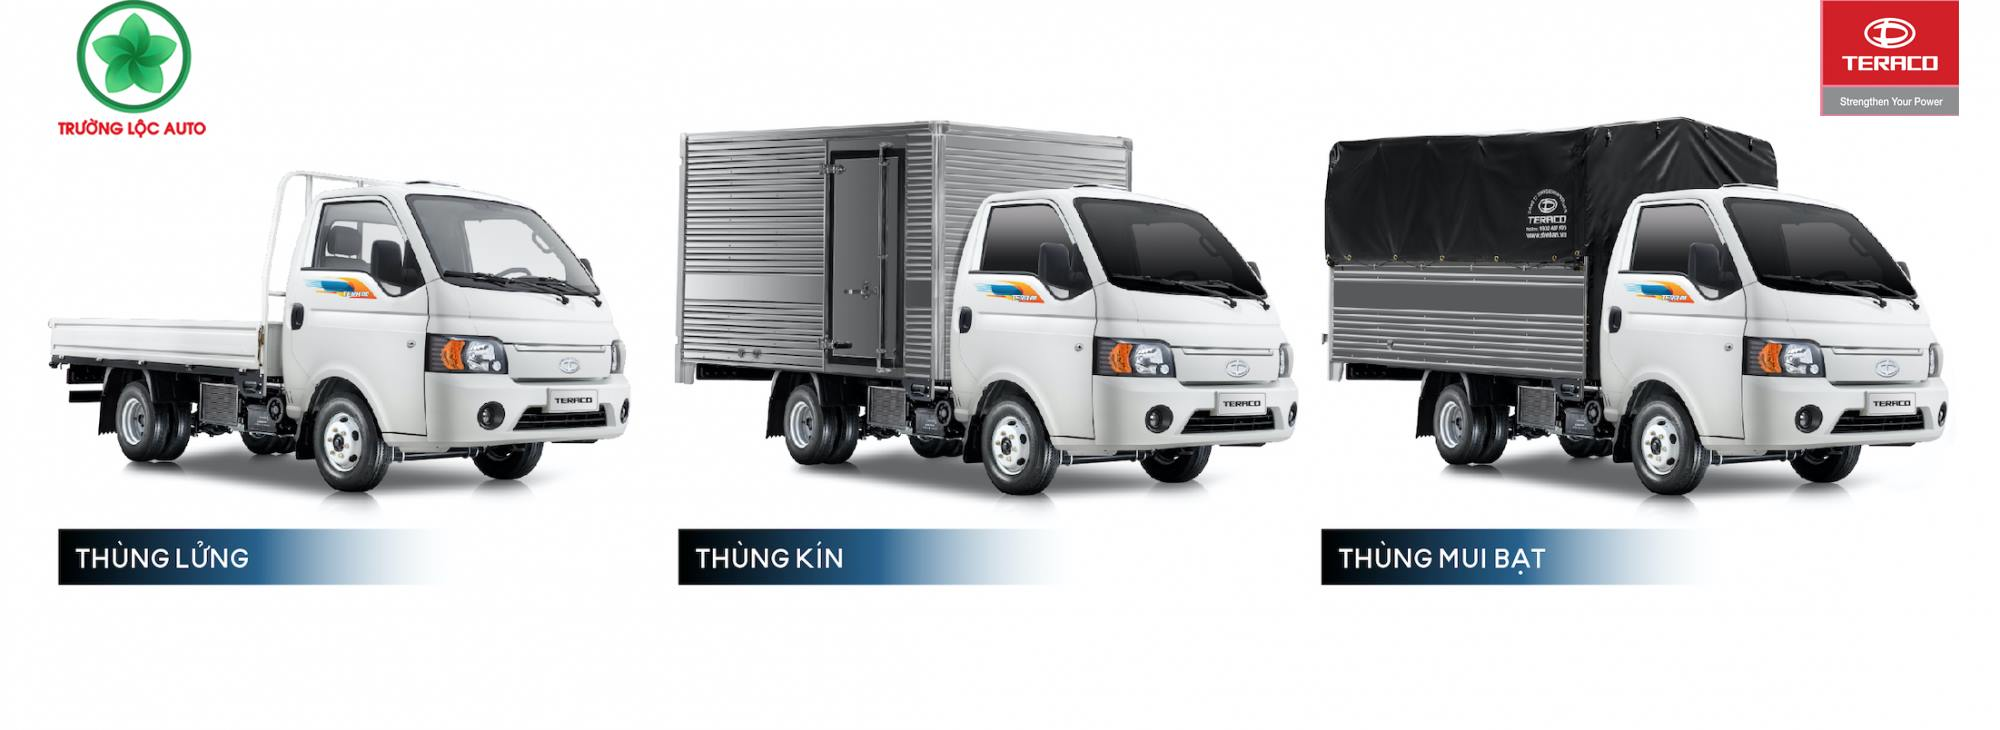 Các phiên bản thùng Xe tải Tera 180